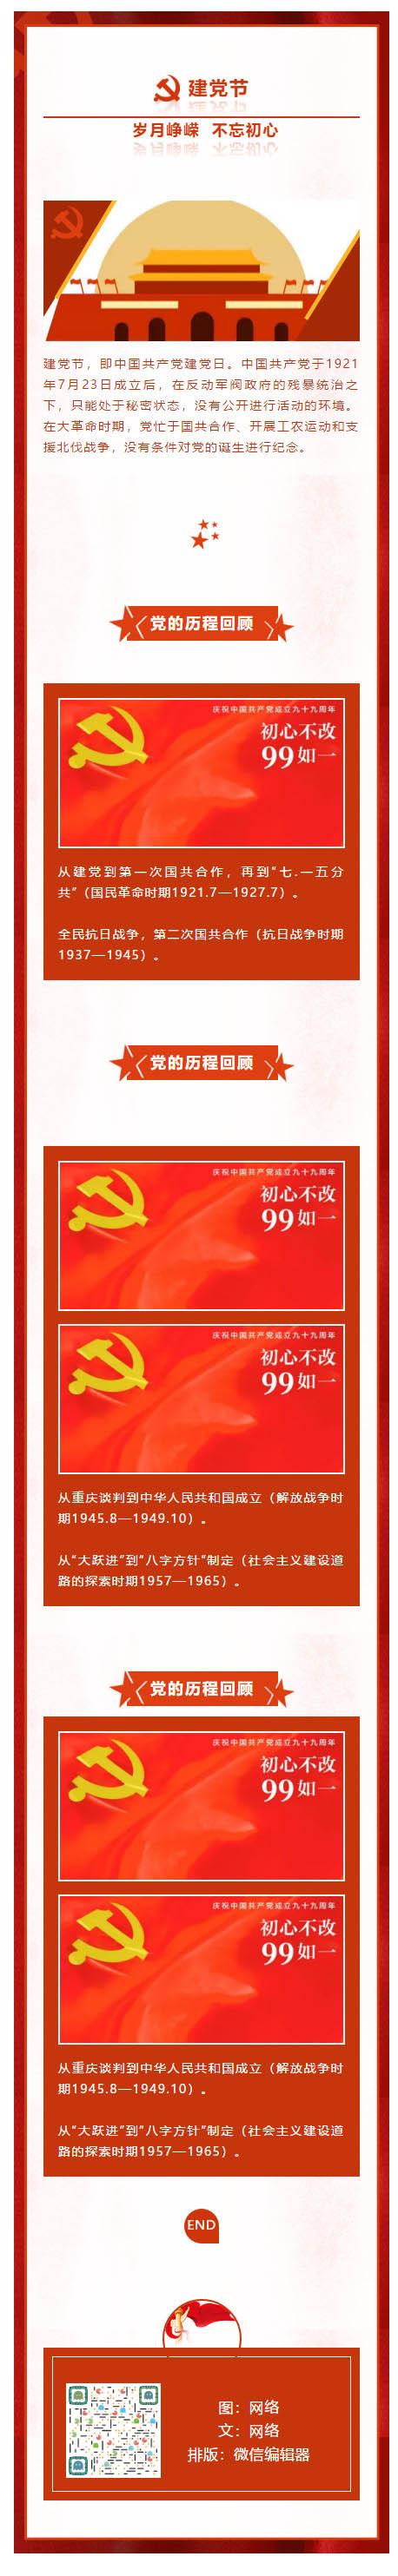 建党节中国共产党成立99周年红色党政微信模板推文素材